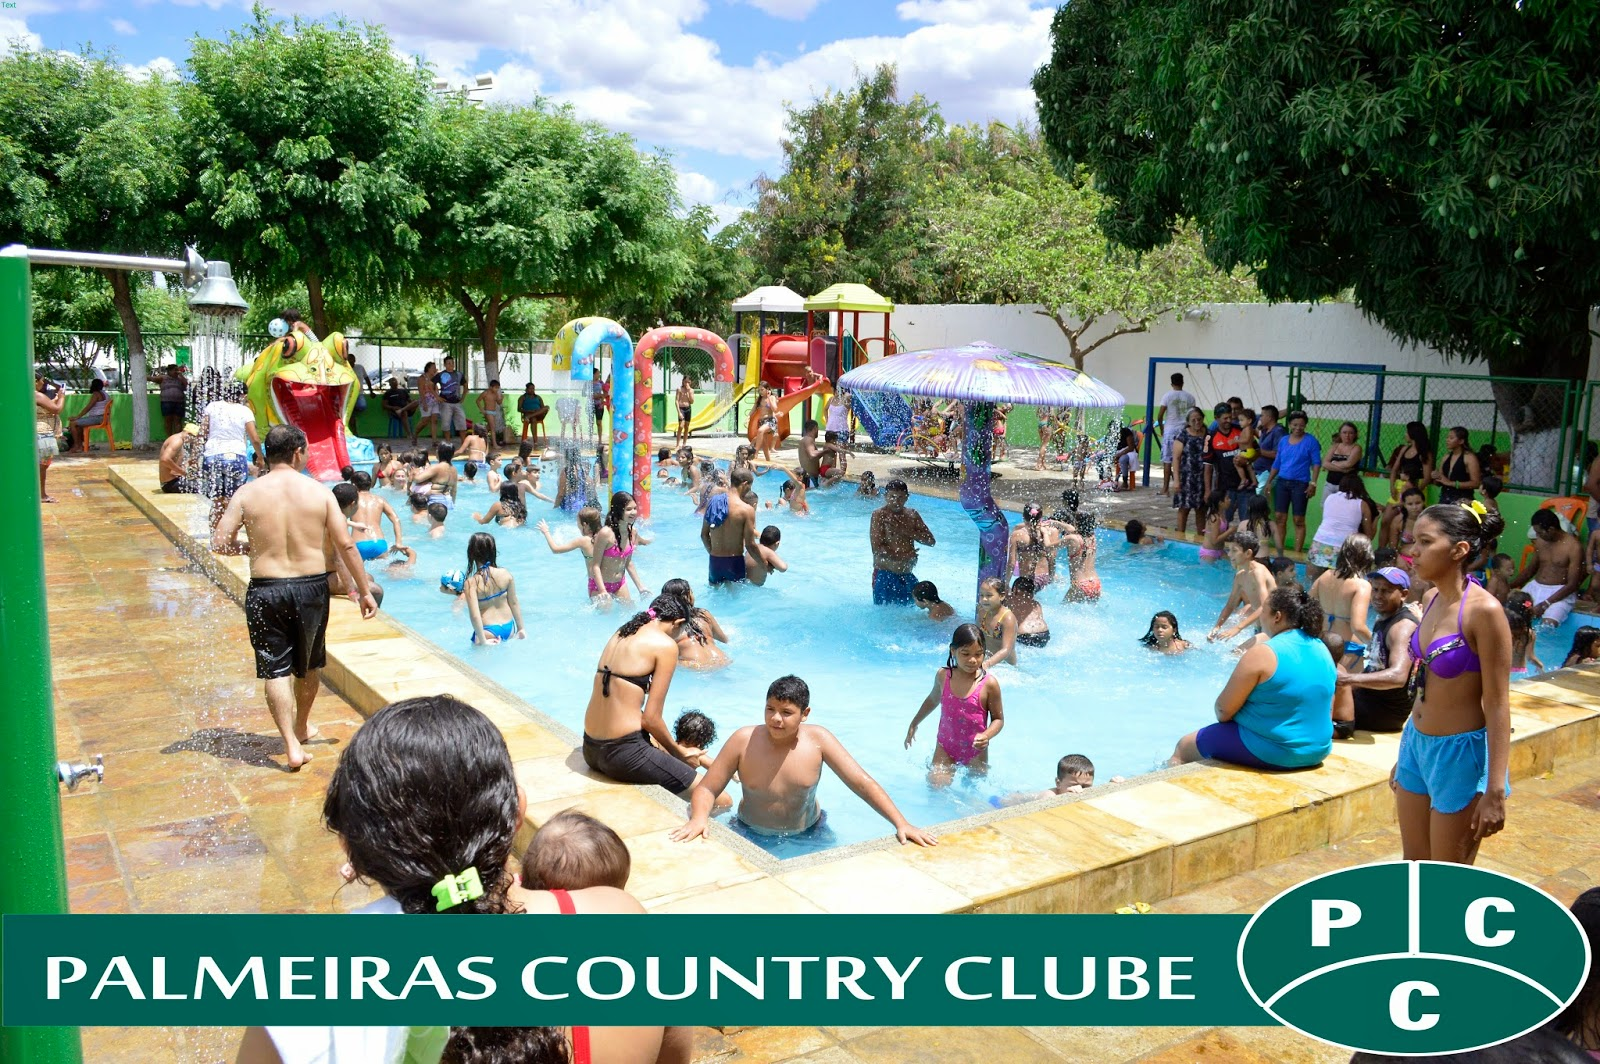 f1fb30153eff6 Inaugurada parte do novo clube do Palmeiras Country Clube ...